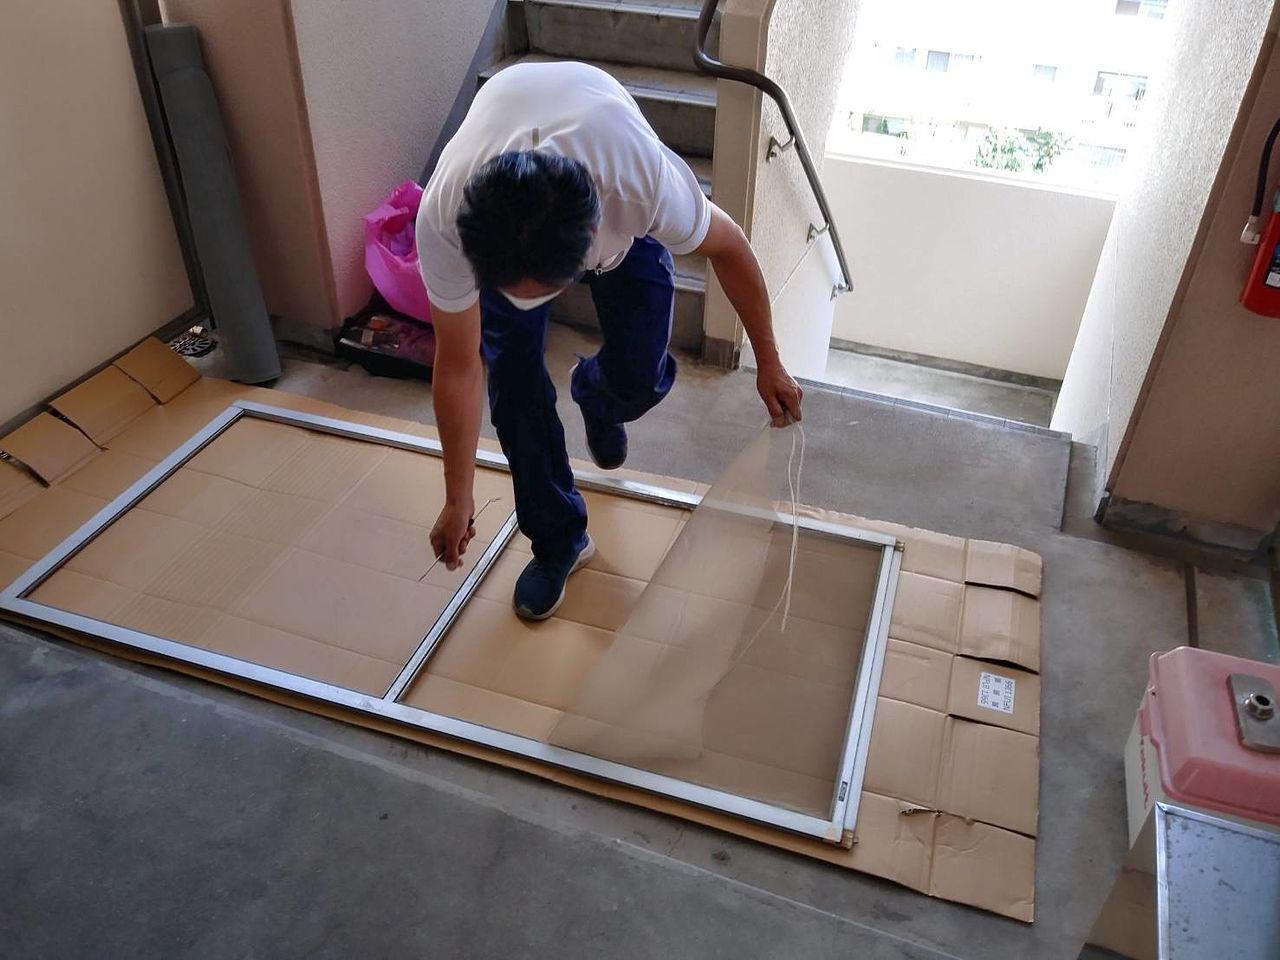 今日のお客さんは、100円ショップで購入された網戸の補修材を利用して、何ヶ所も穴の補修をされていました。